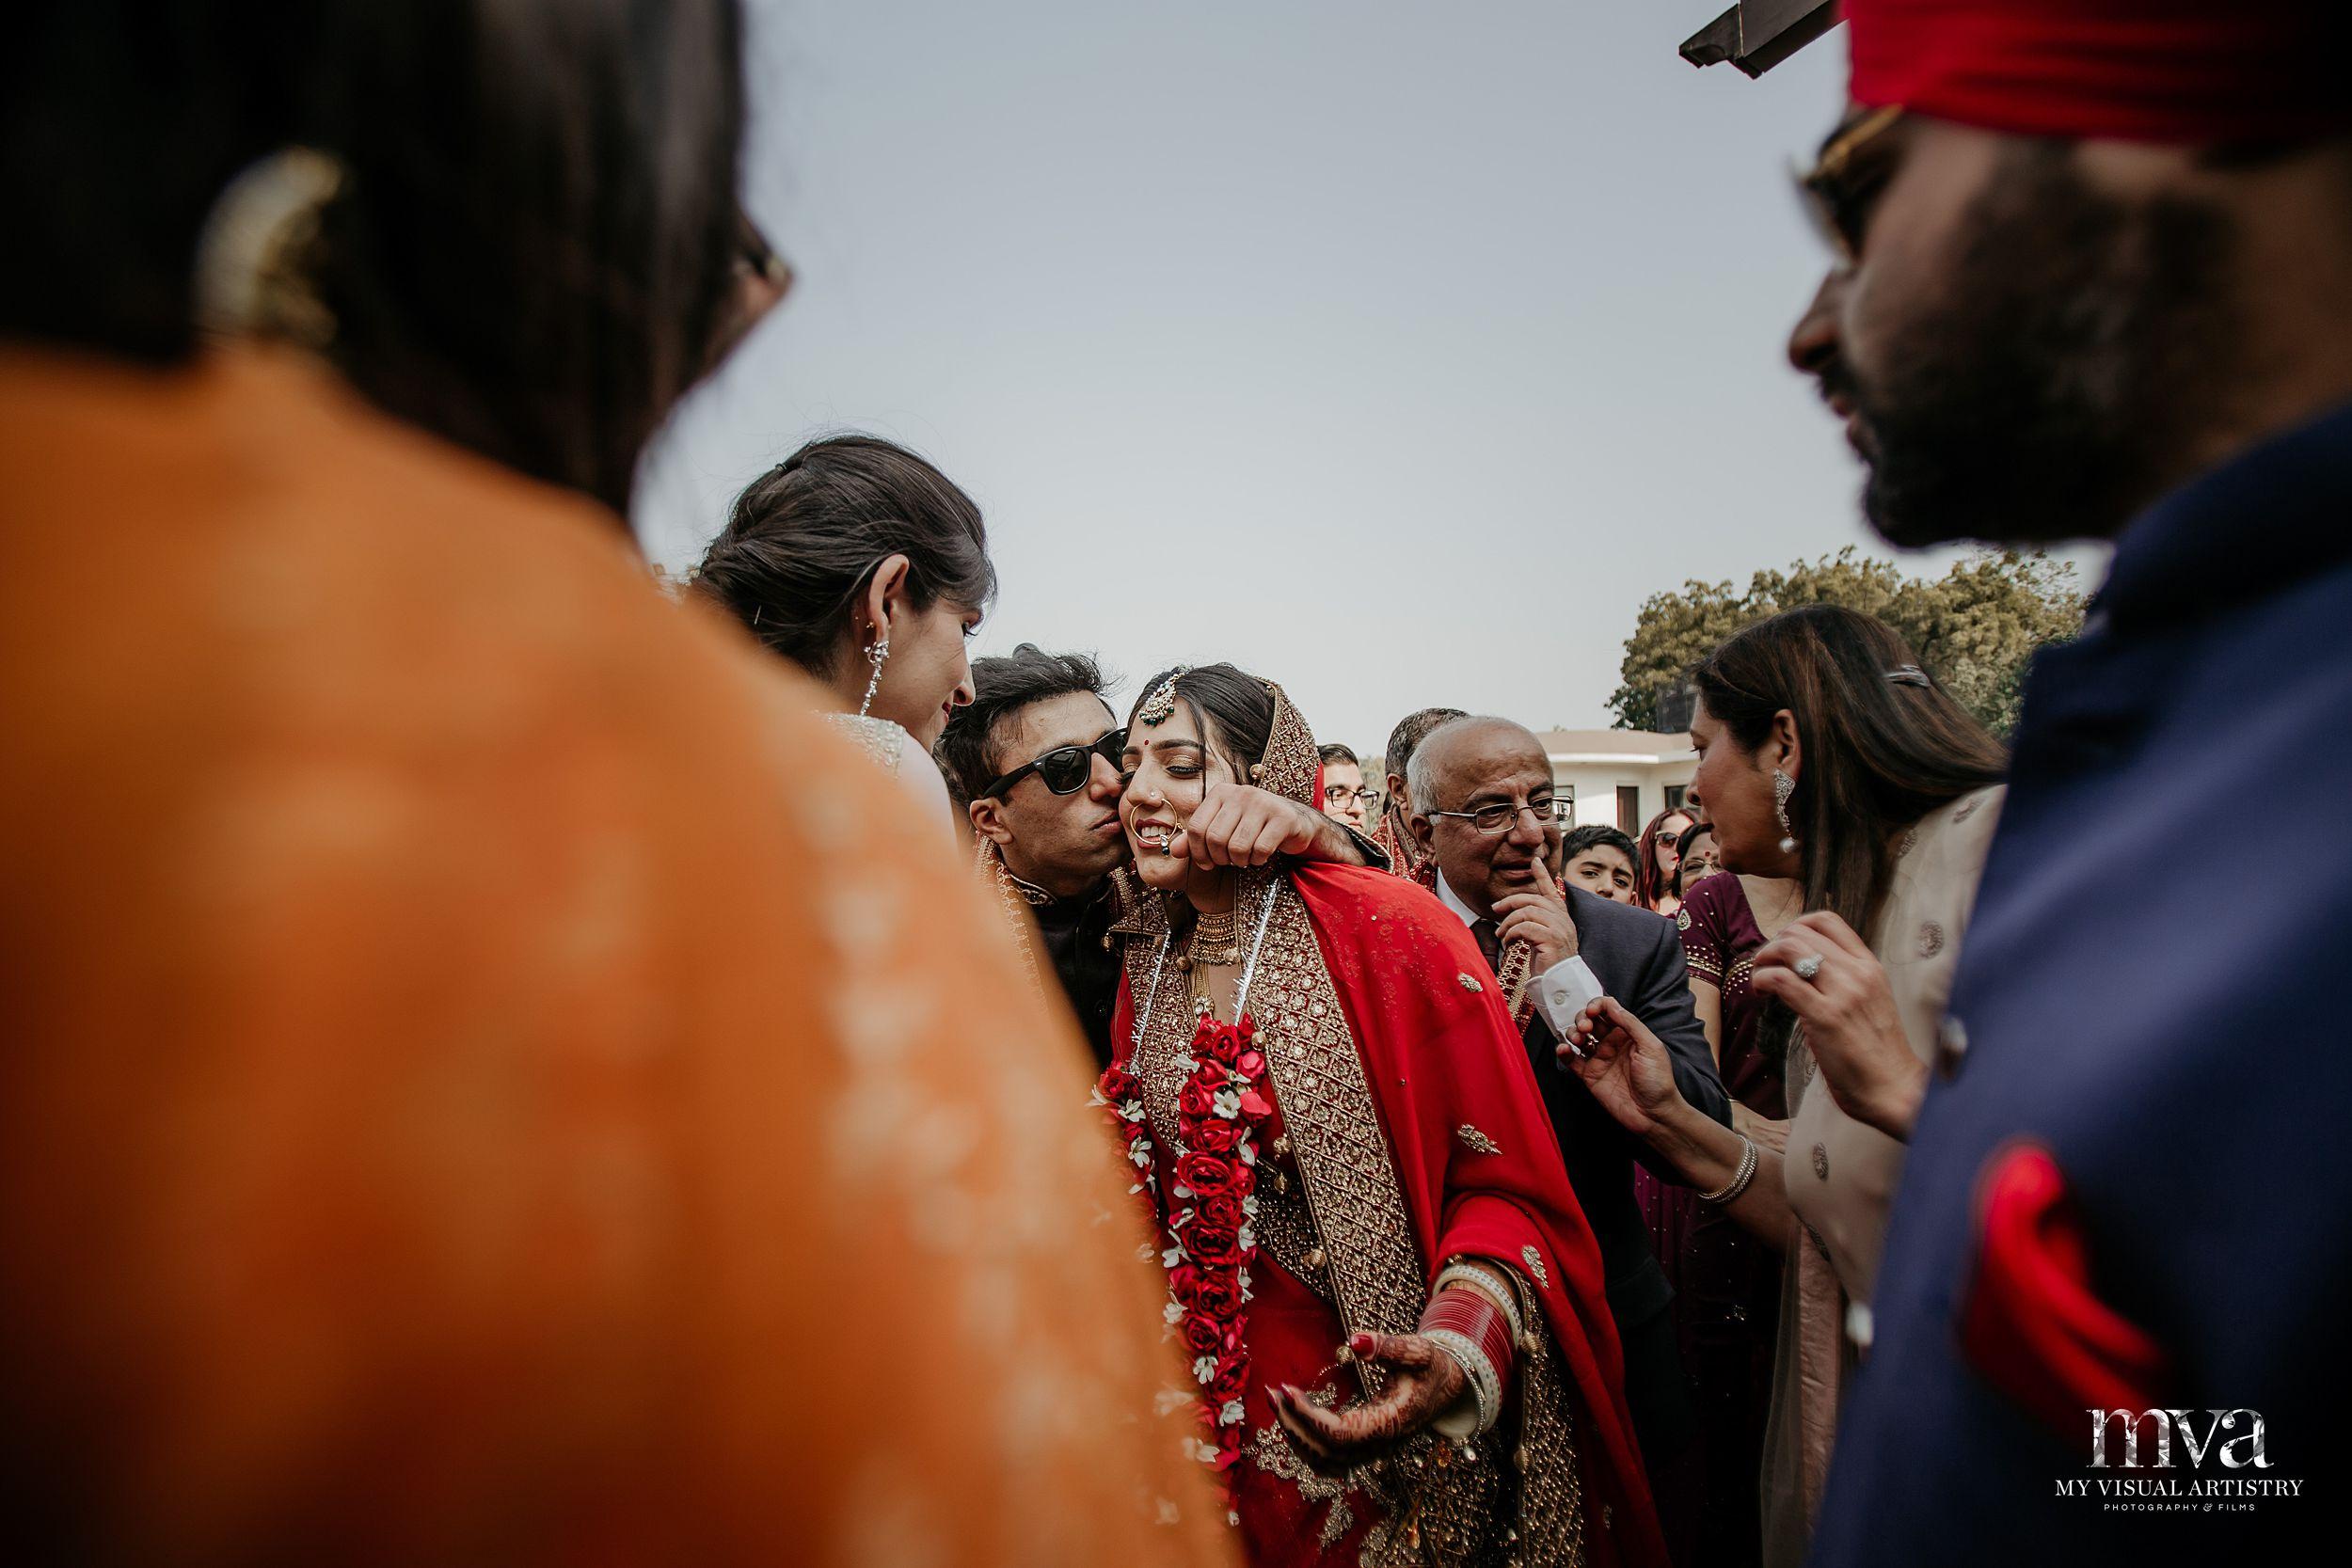 anant_arundhati_myvisualartistry_mva_wedding_sikh_ - 323.jpg